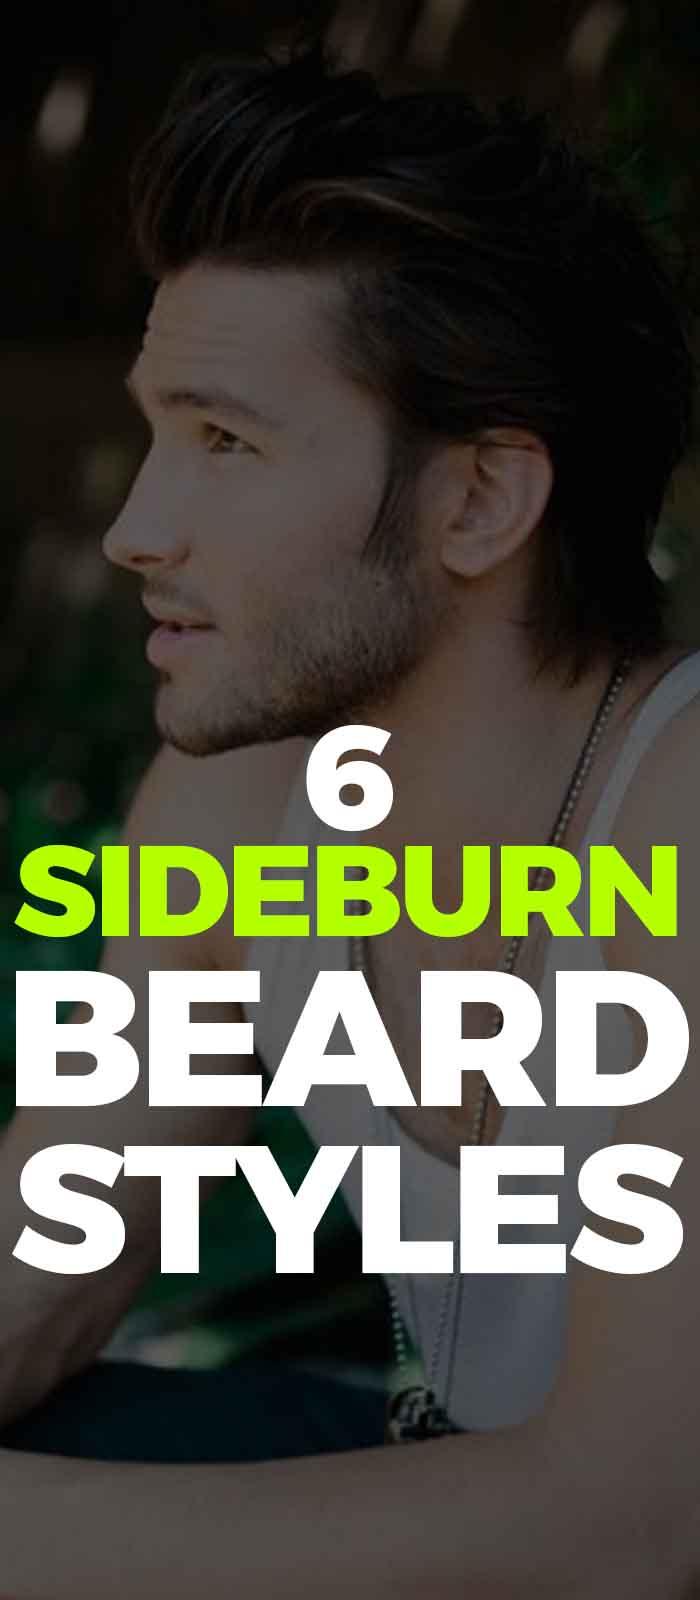 Medium Length Sideburn style for men!